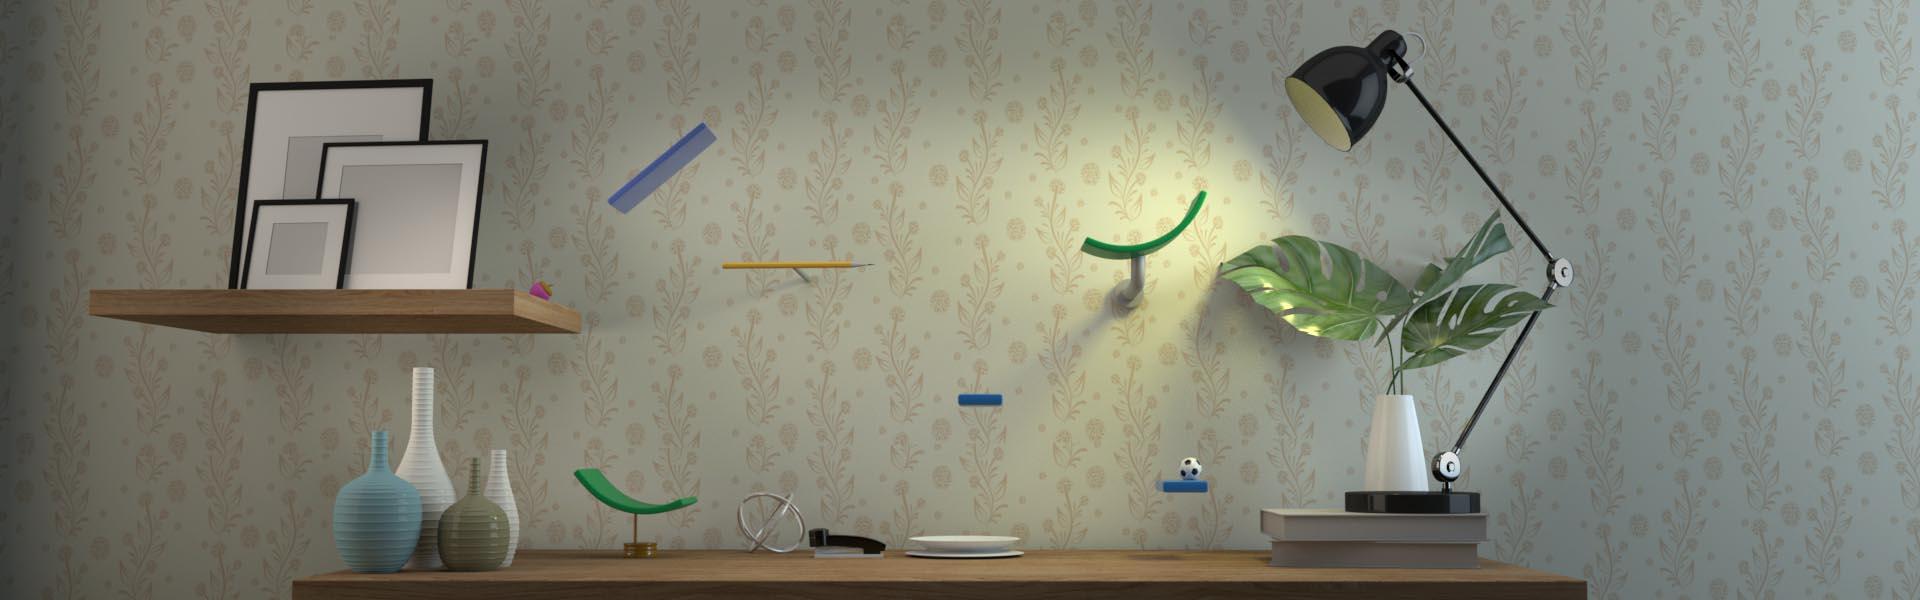 Марафон - Первая 3D анимация за 4 занятия